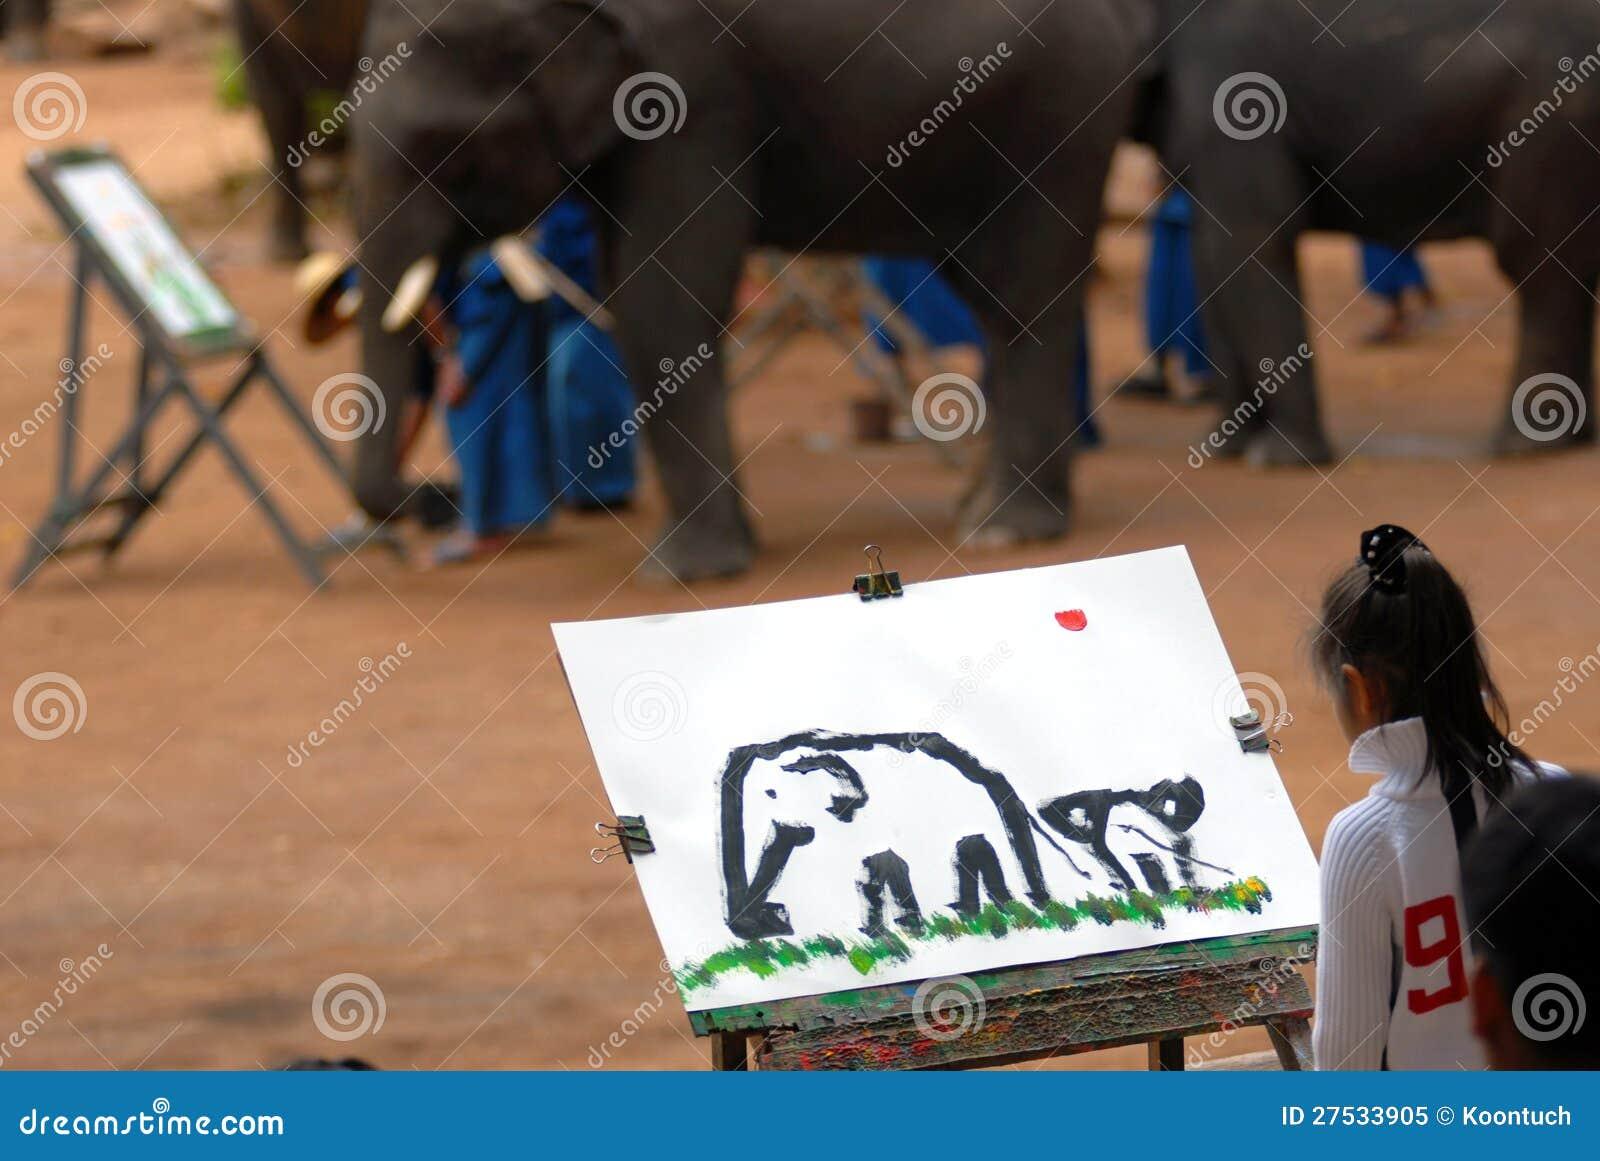 Desenho do elefante. [2]